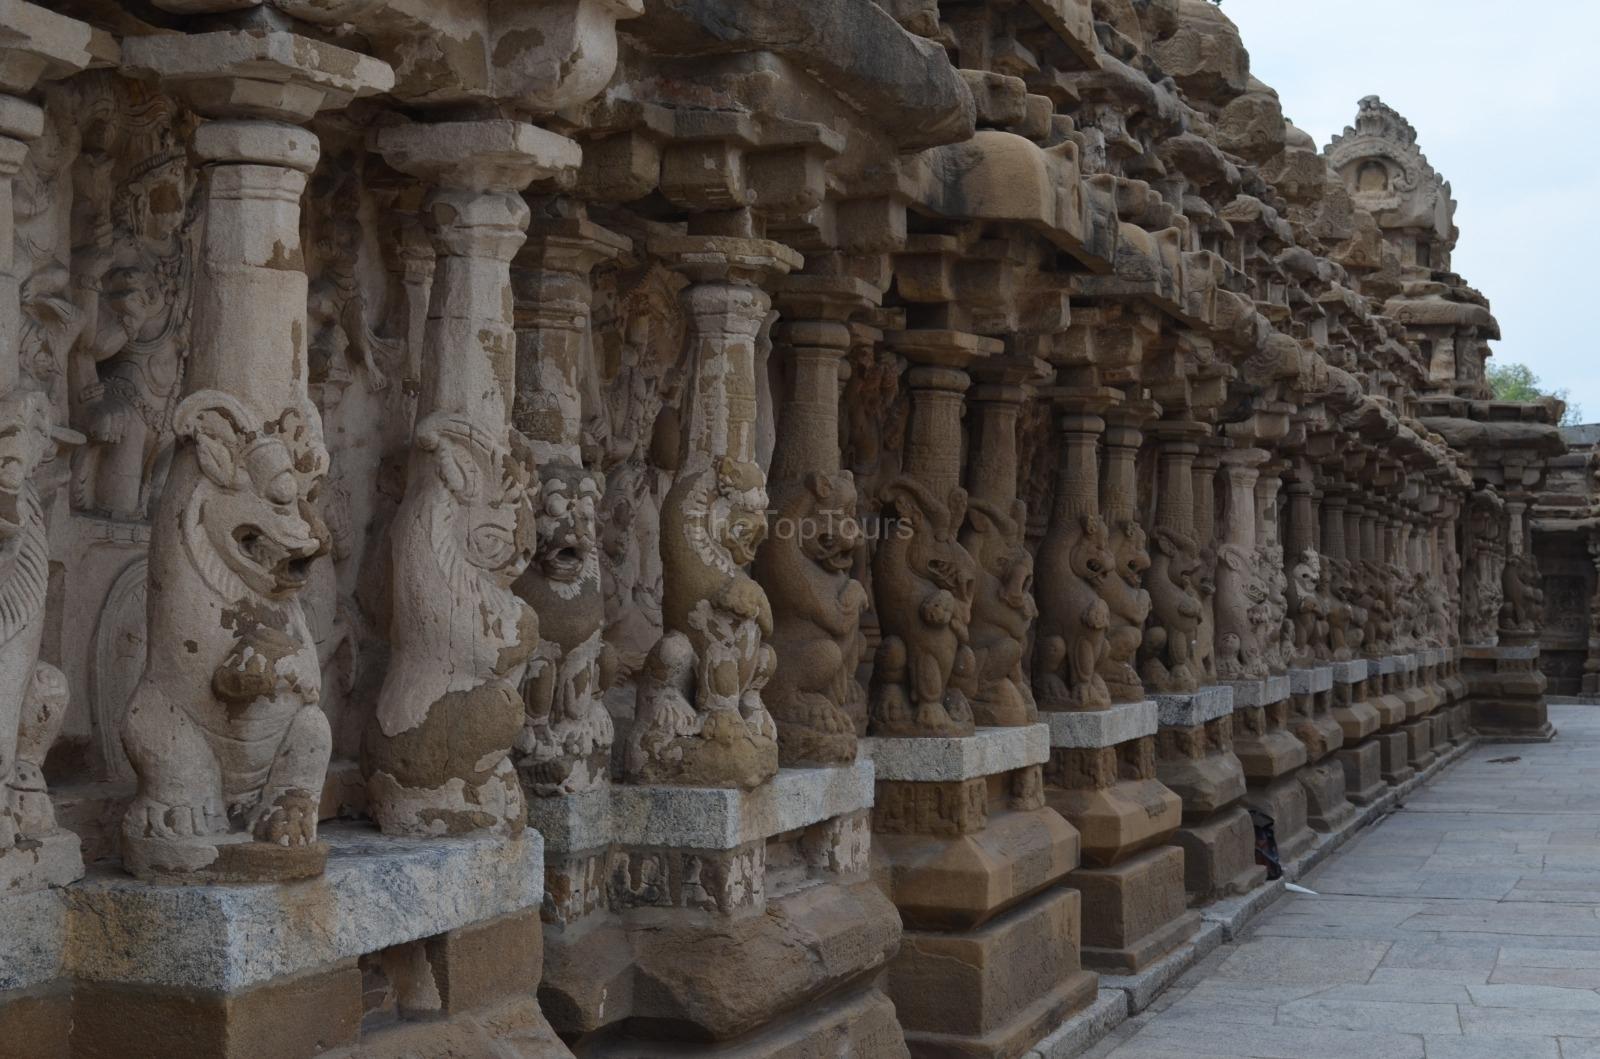 Kailasanathar Temple Sculpture Kanchipuram, Tamil Nadu